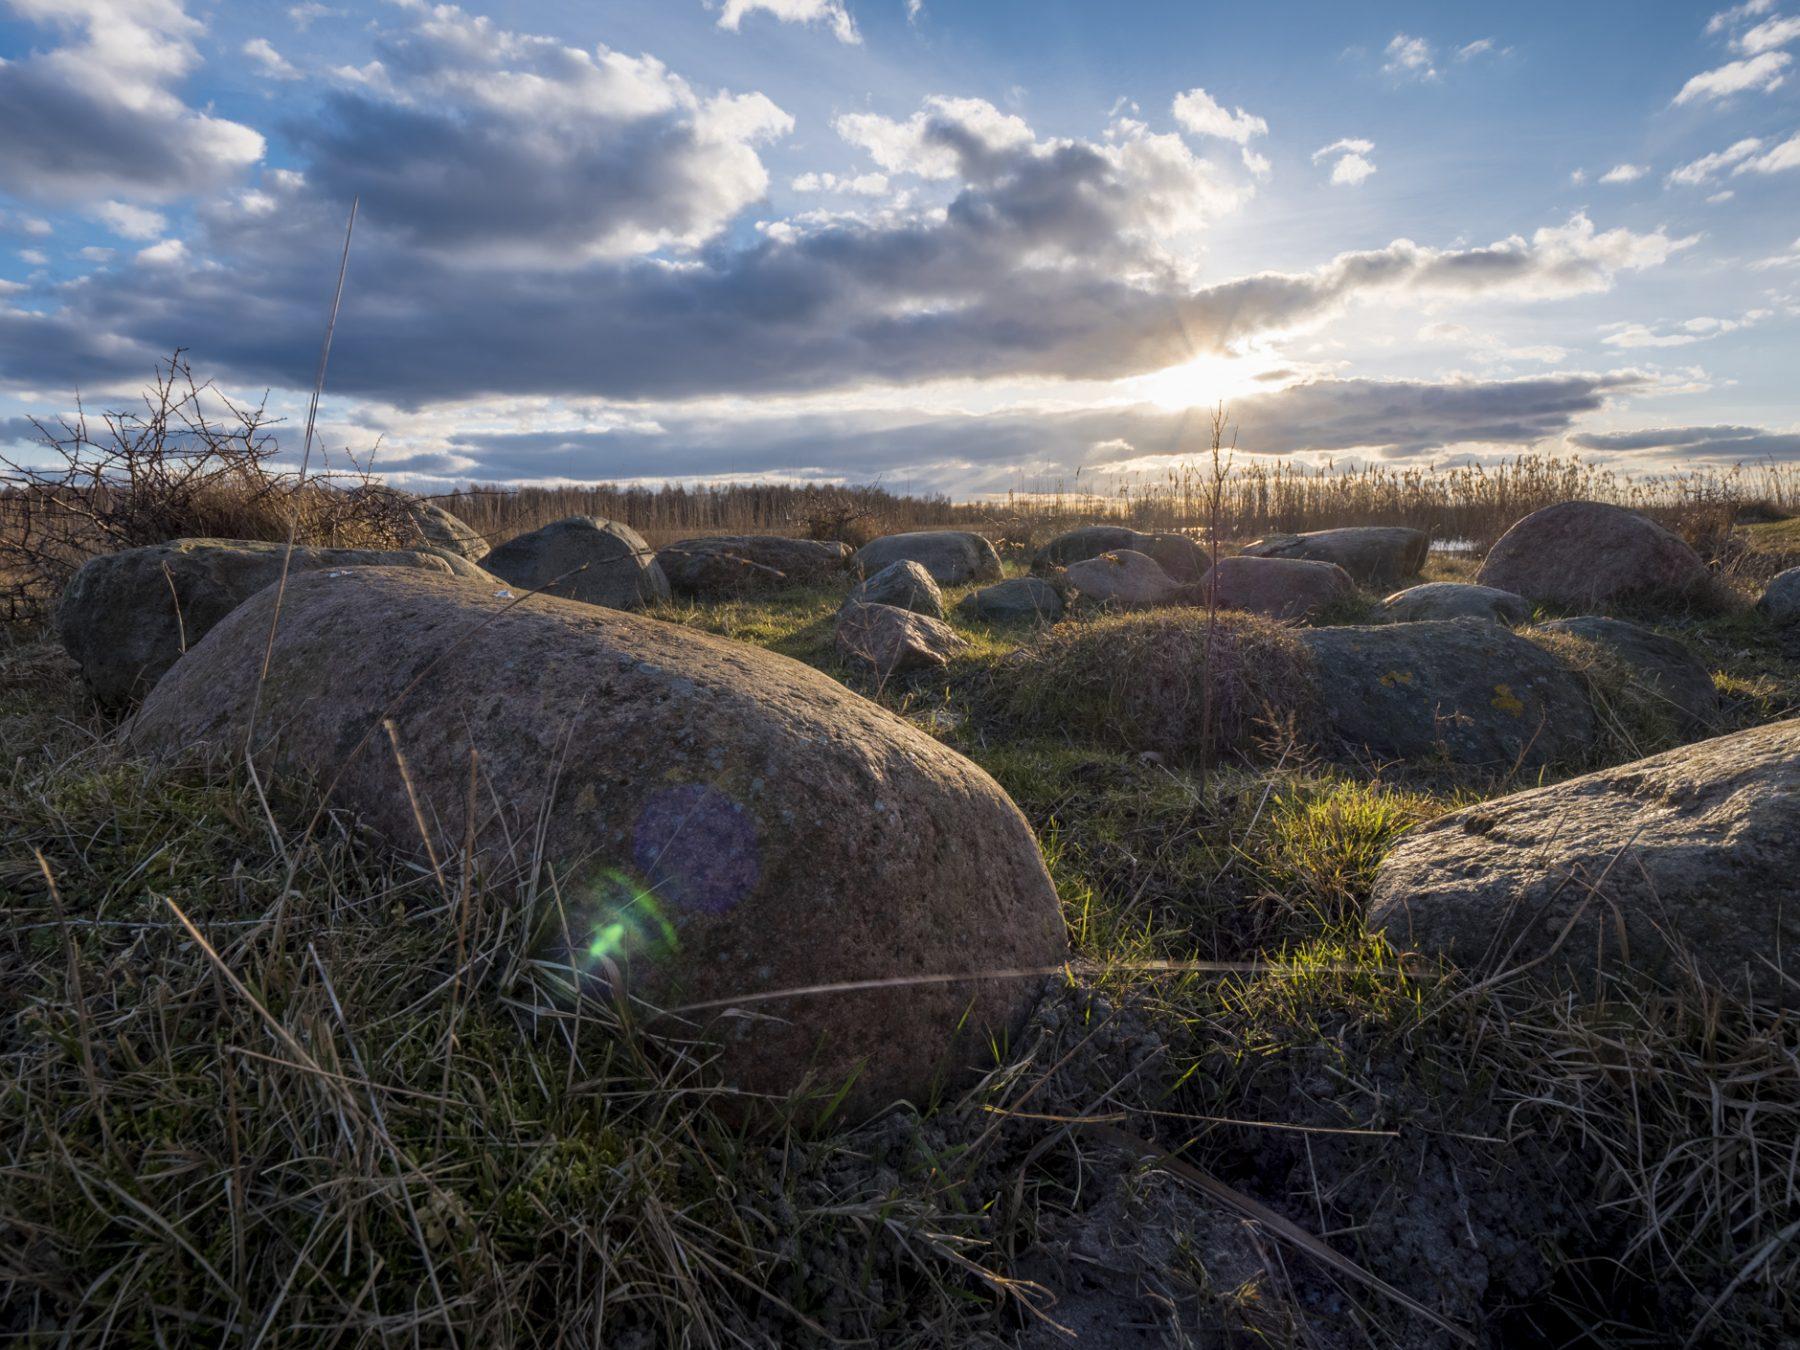 Landskabsfotografering: Bålsted på Kalvebod Fælled